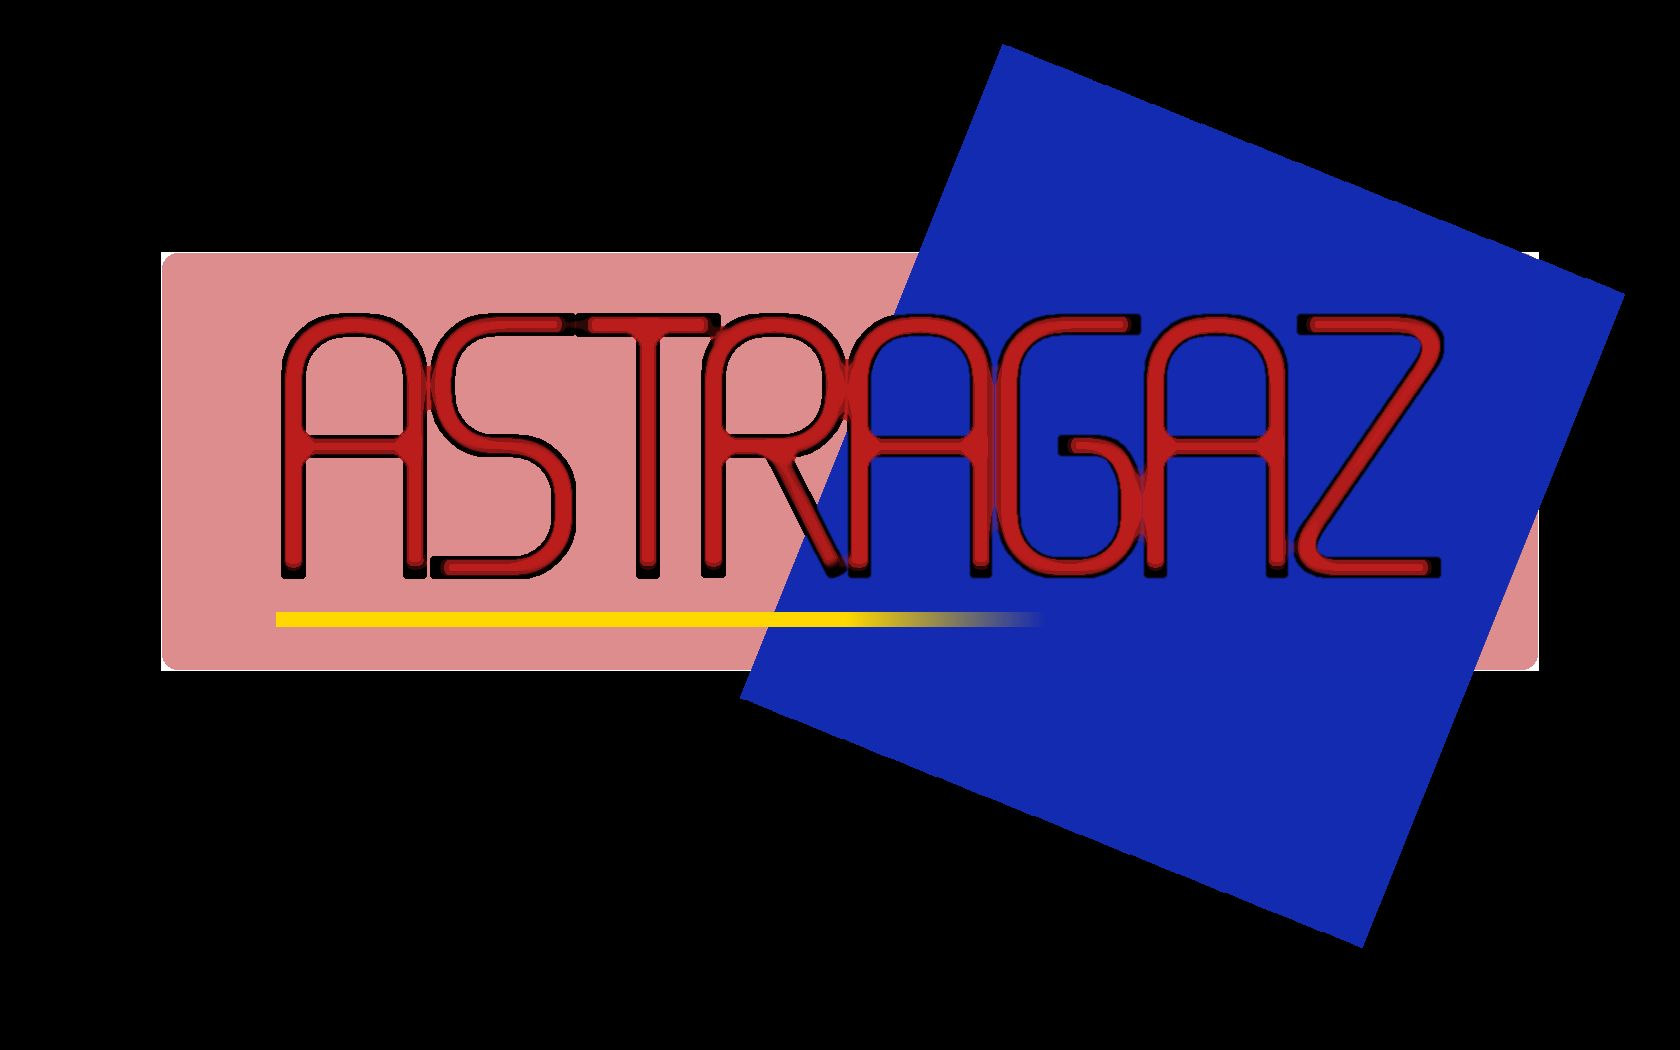 Лого и фирменный стиль для автосервиса - дизайнер Po98